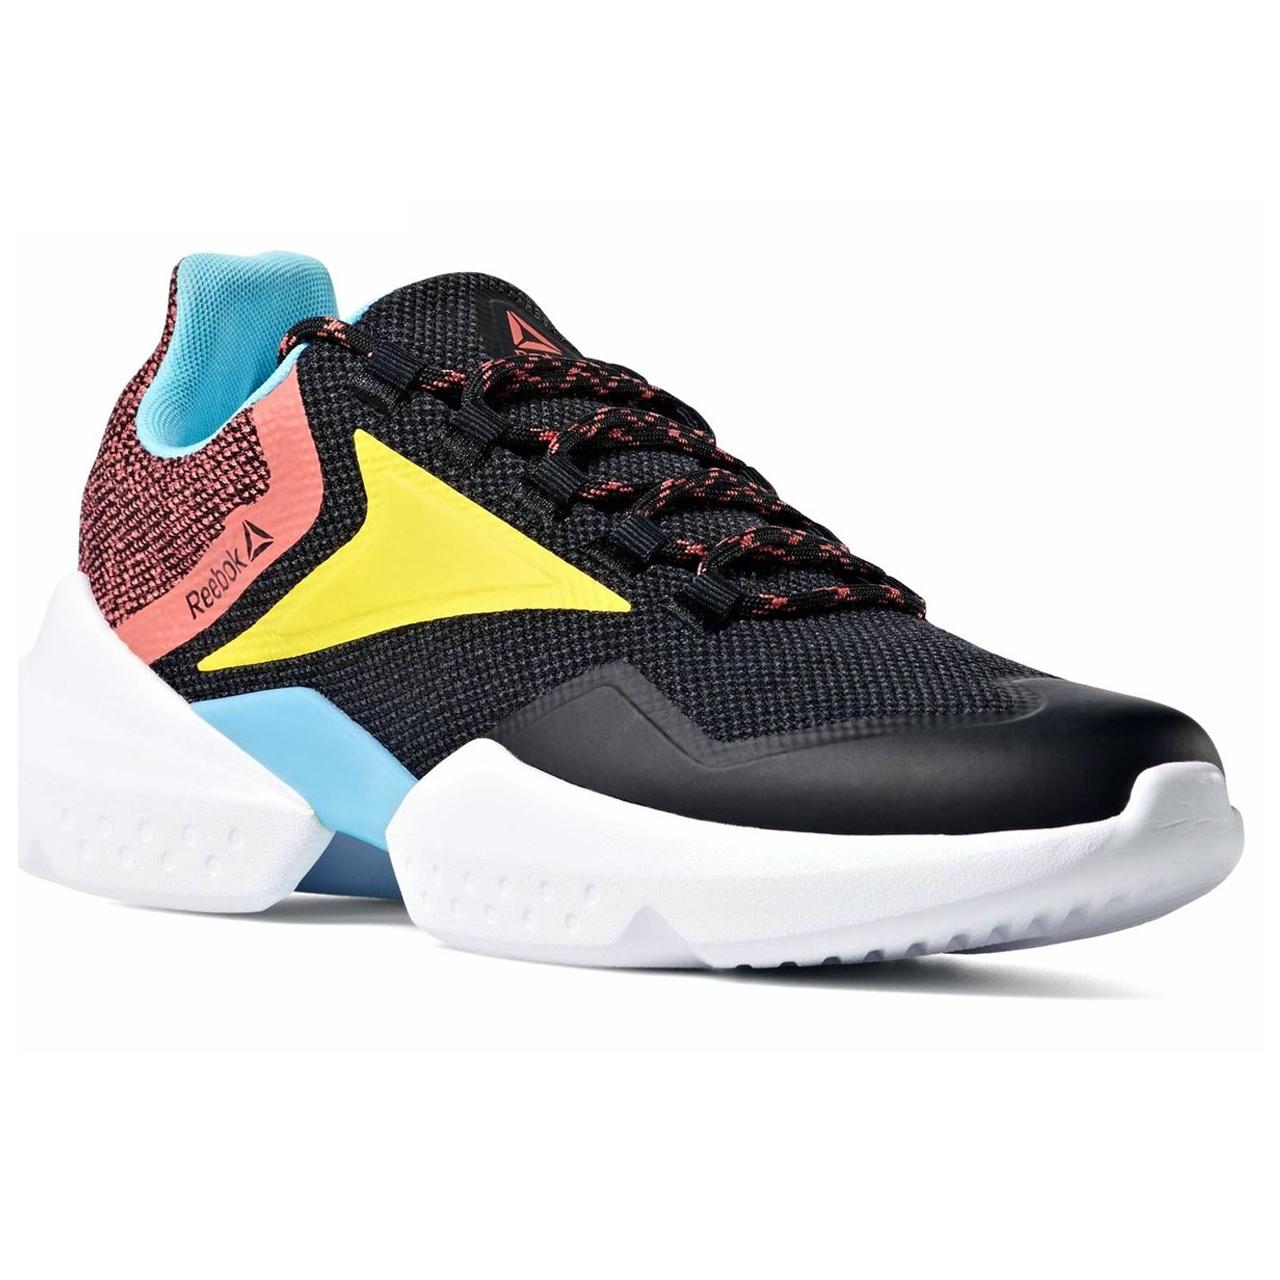 کفش مخصوص دویدن مردانه ریباک مدل Split Fuel کد 98-7988